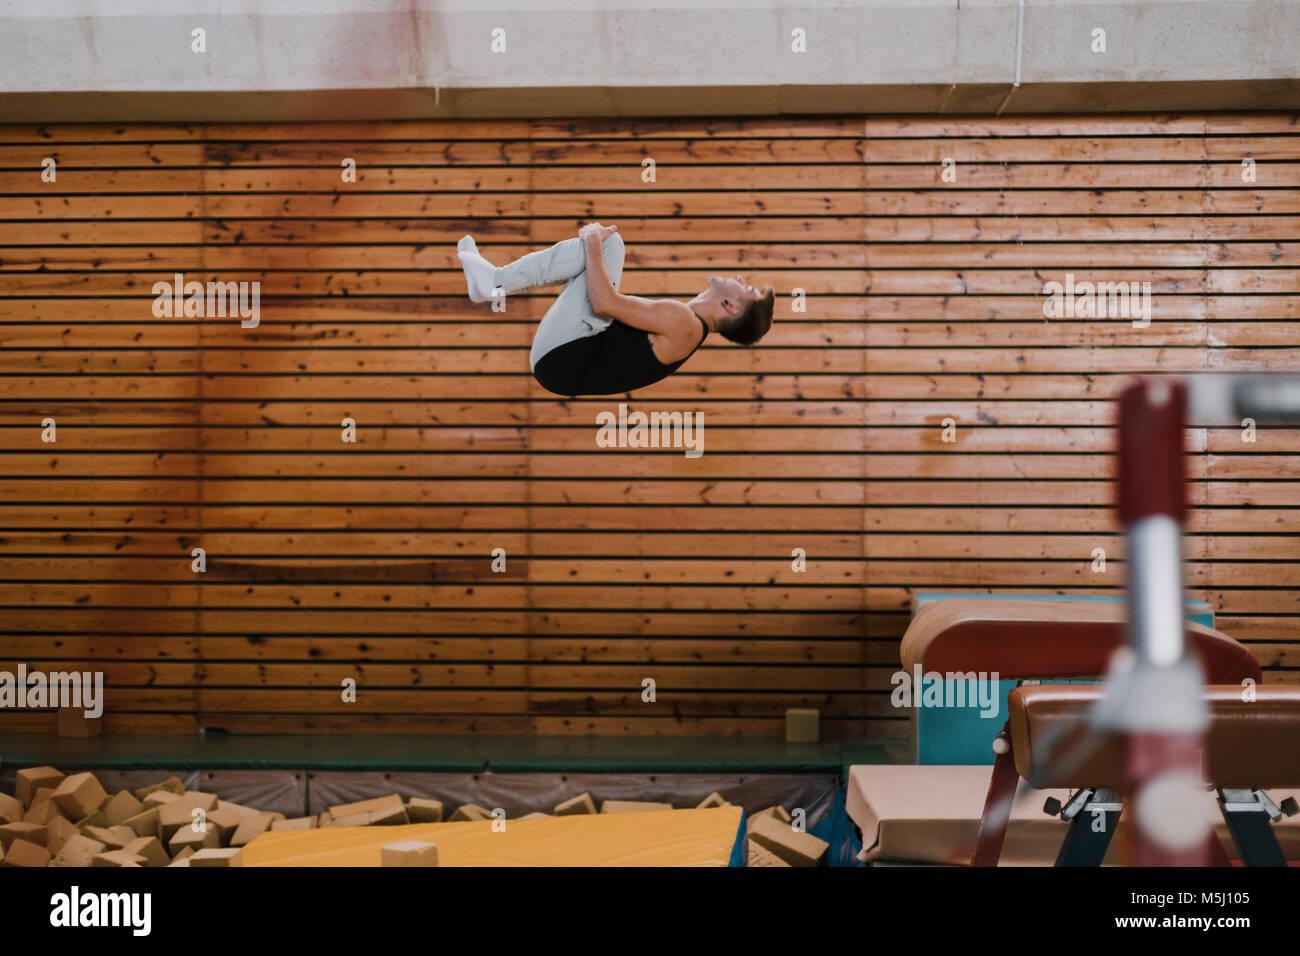 El gimnasta ejercitando a bóvedas tabla de gimnasio Imagen De Stock